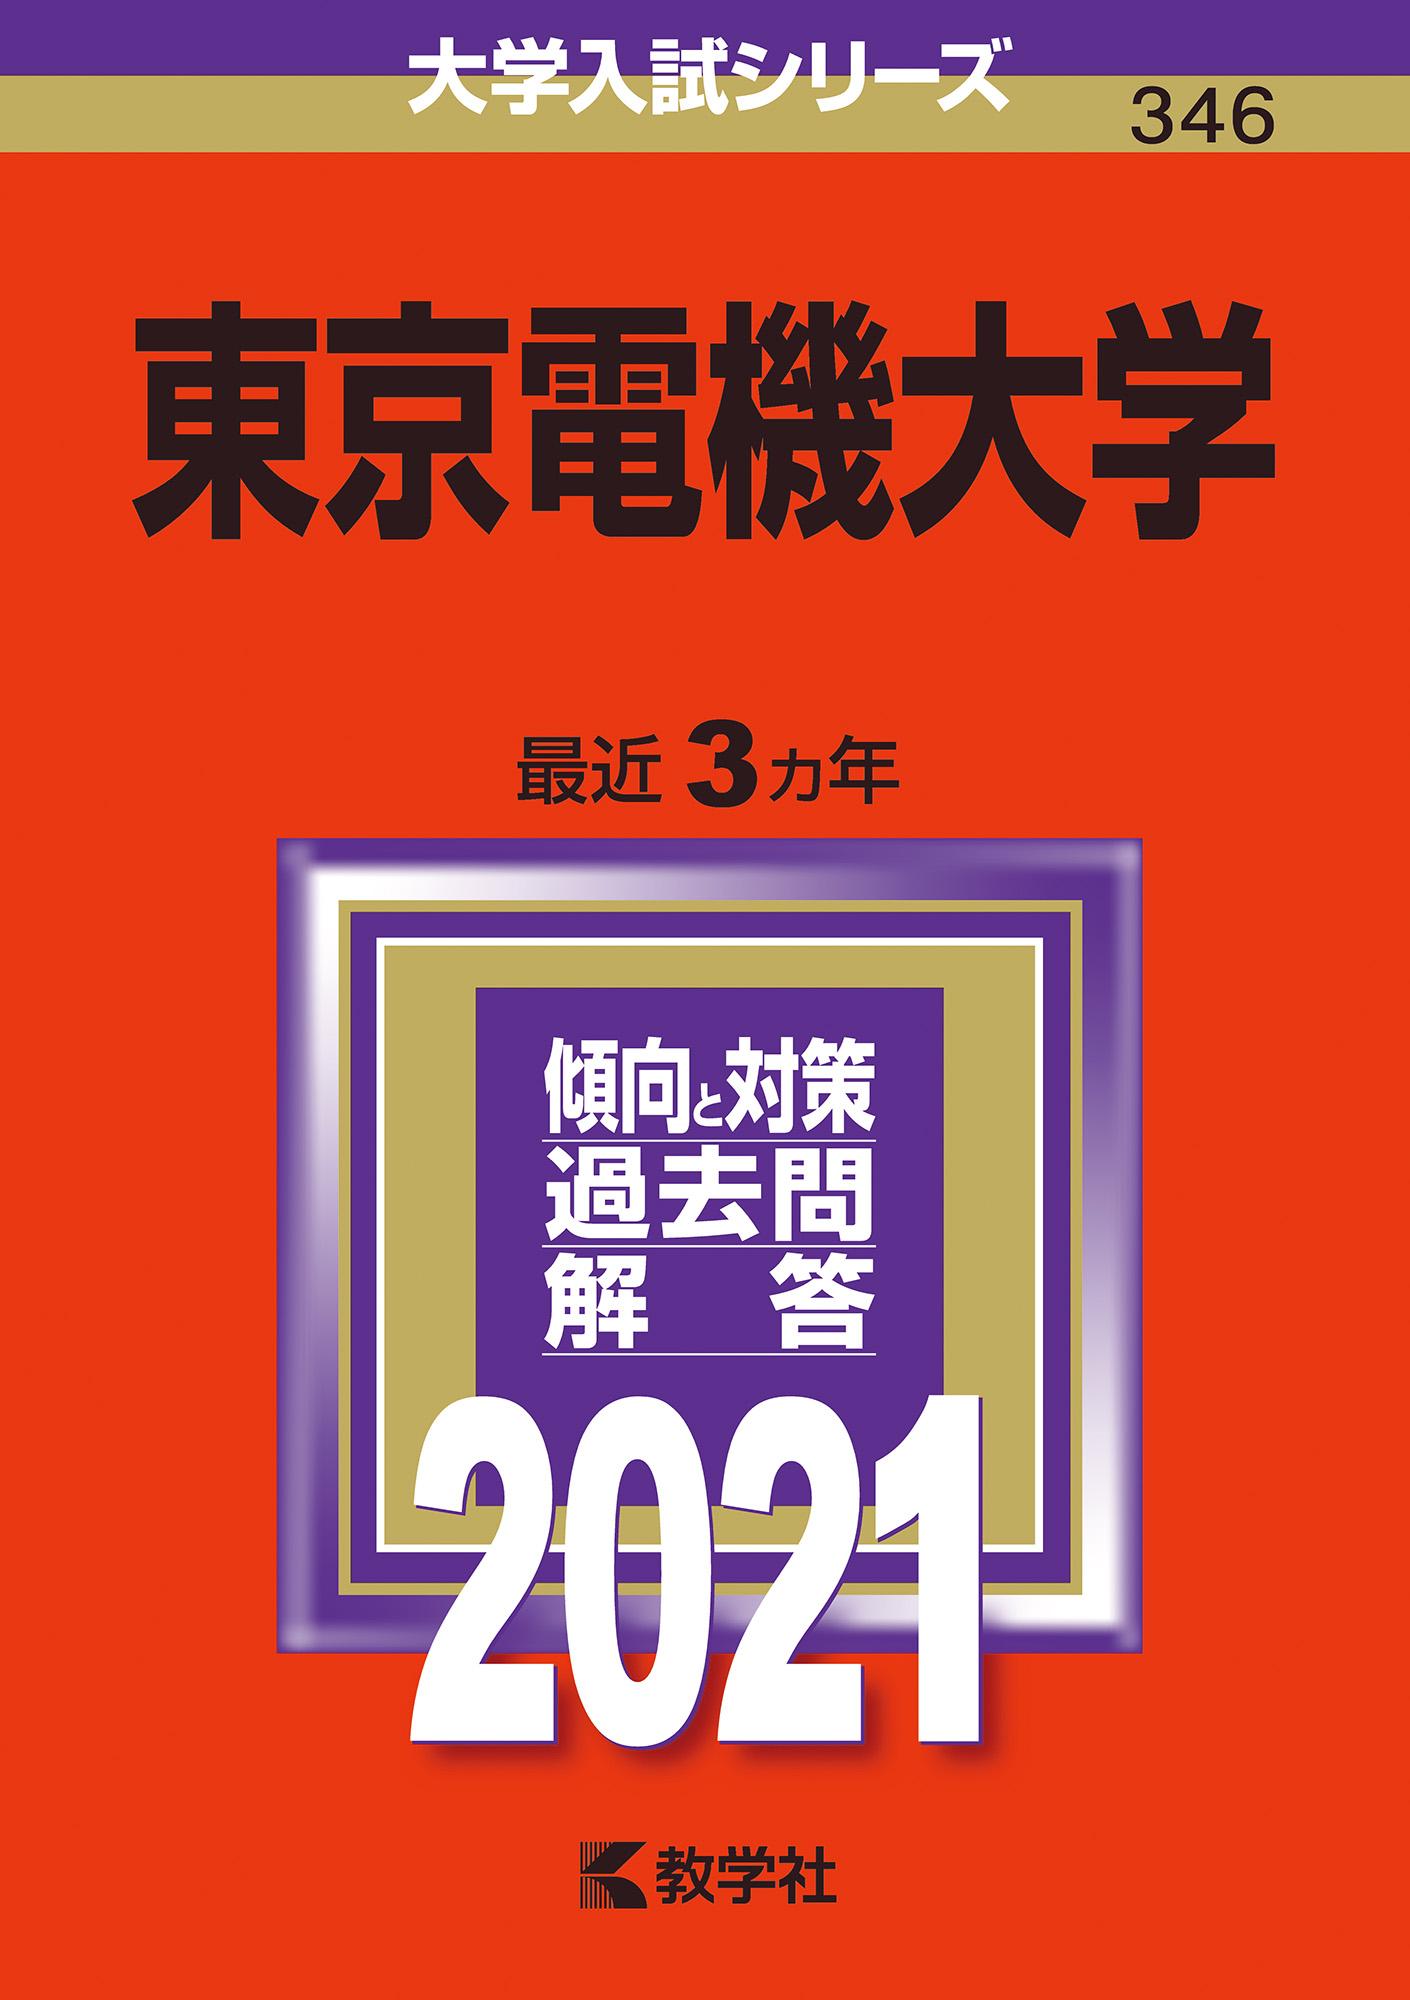 大学 マイ ページ 東京 電機